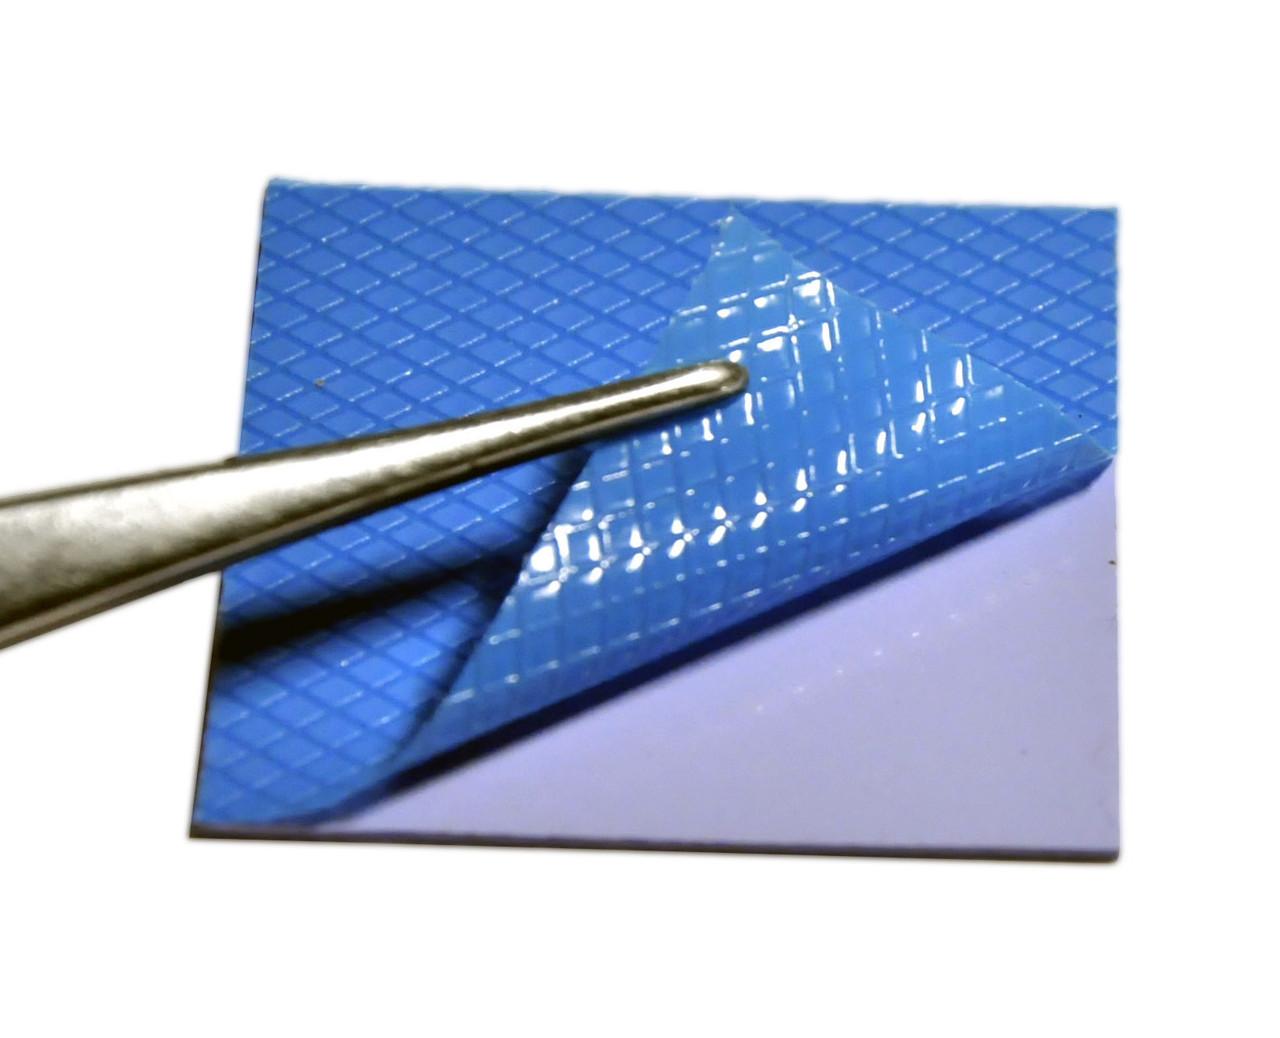 Термопрокладка 3KS 3K800 G14 0.5мм 50x50 синяя 8 Вт/м*К термоинтерфейс для ноутбука (TPr-3K8W-G14)